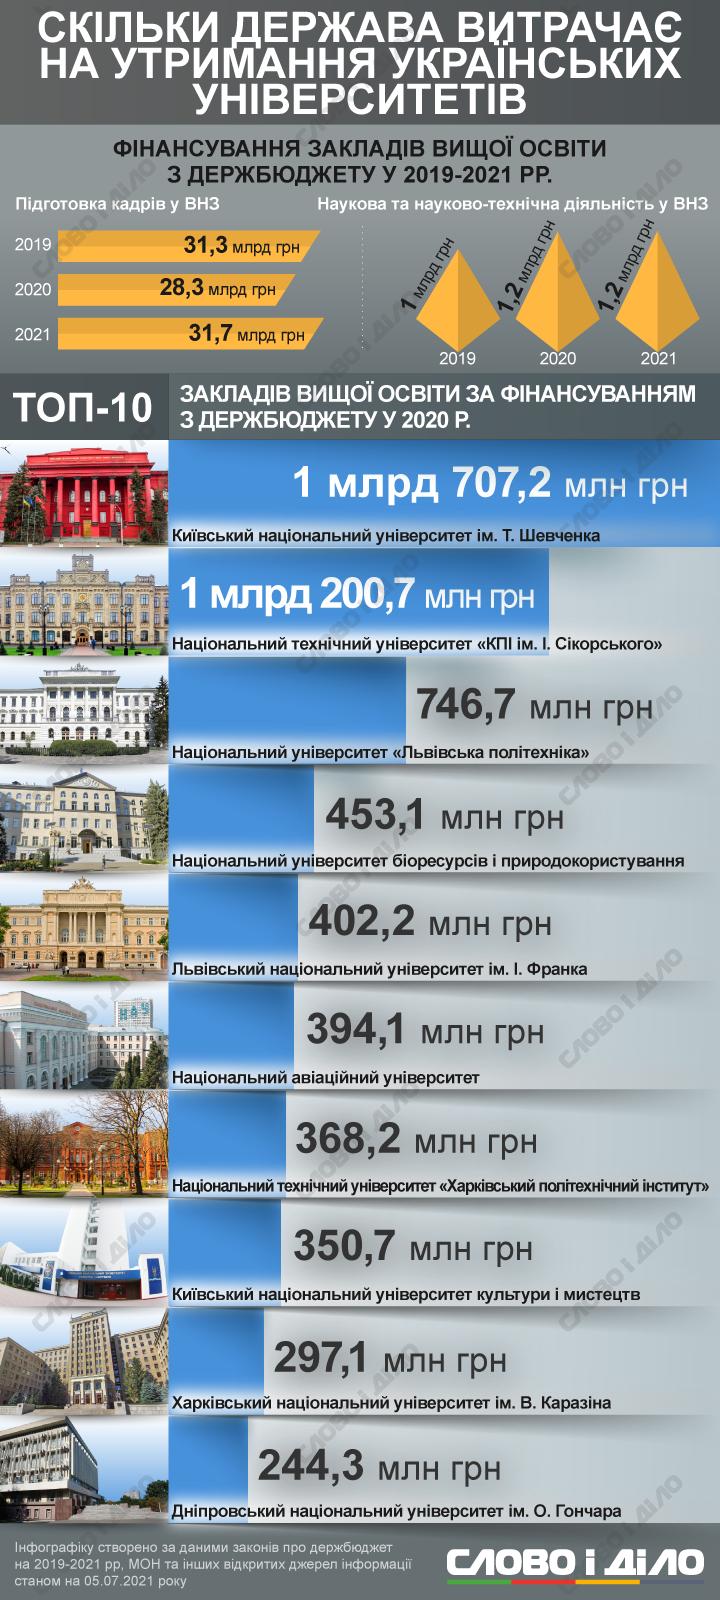 ДНУ им. Олеся Гончара попал в ТОП-10 самых финансируемых государством университетов в 2020 году. Афиша Днепра